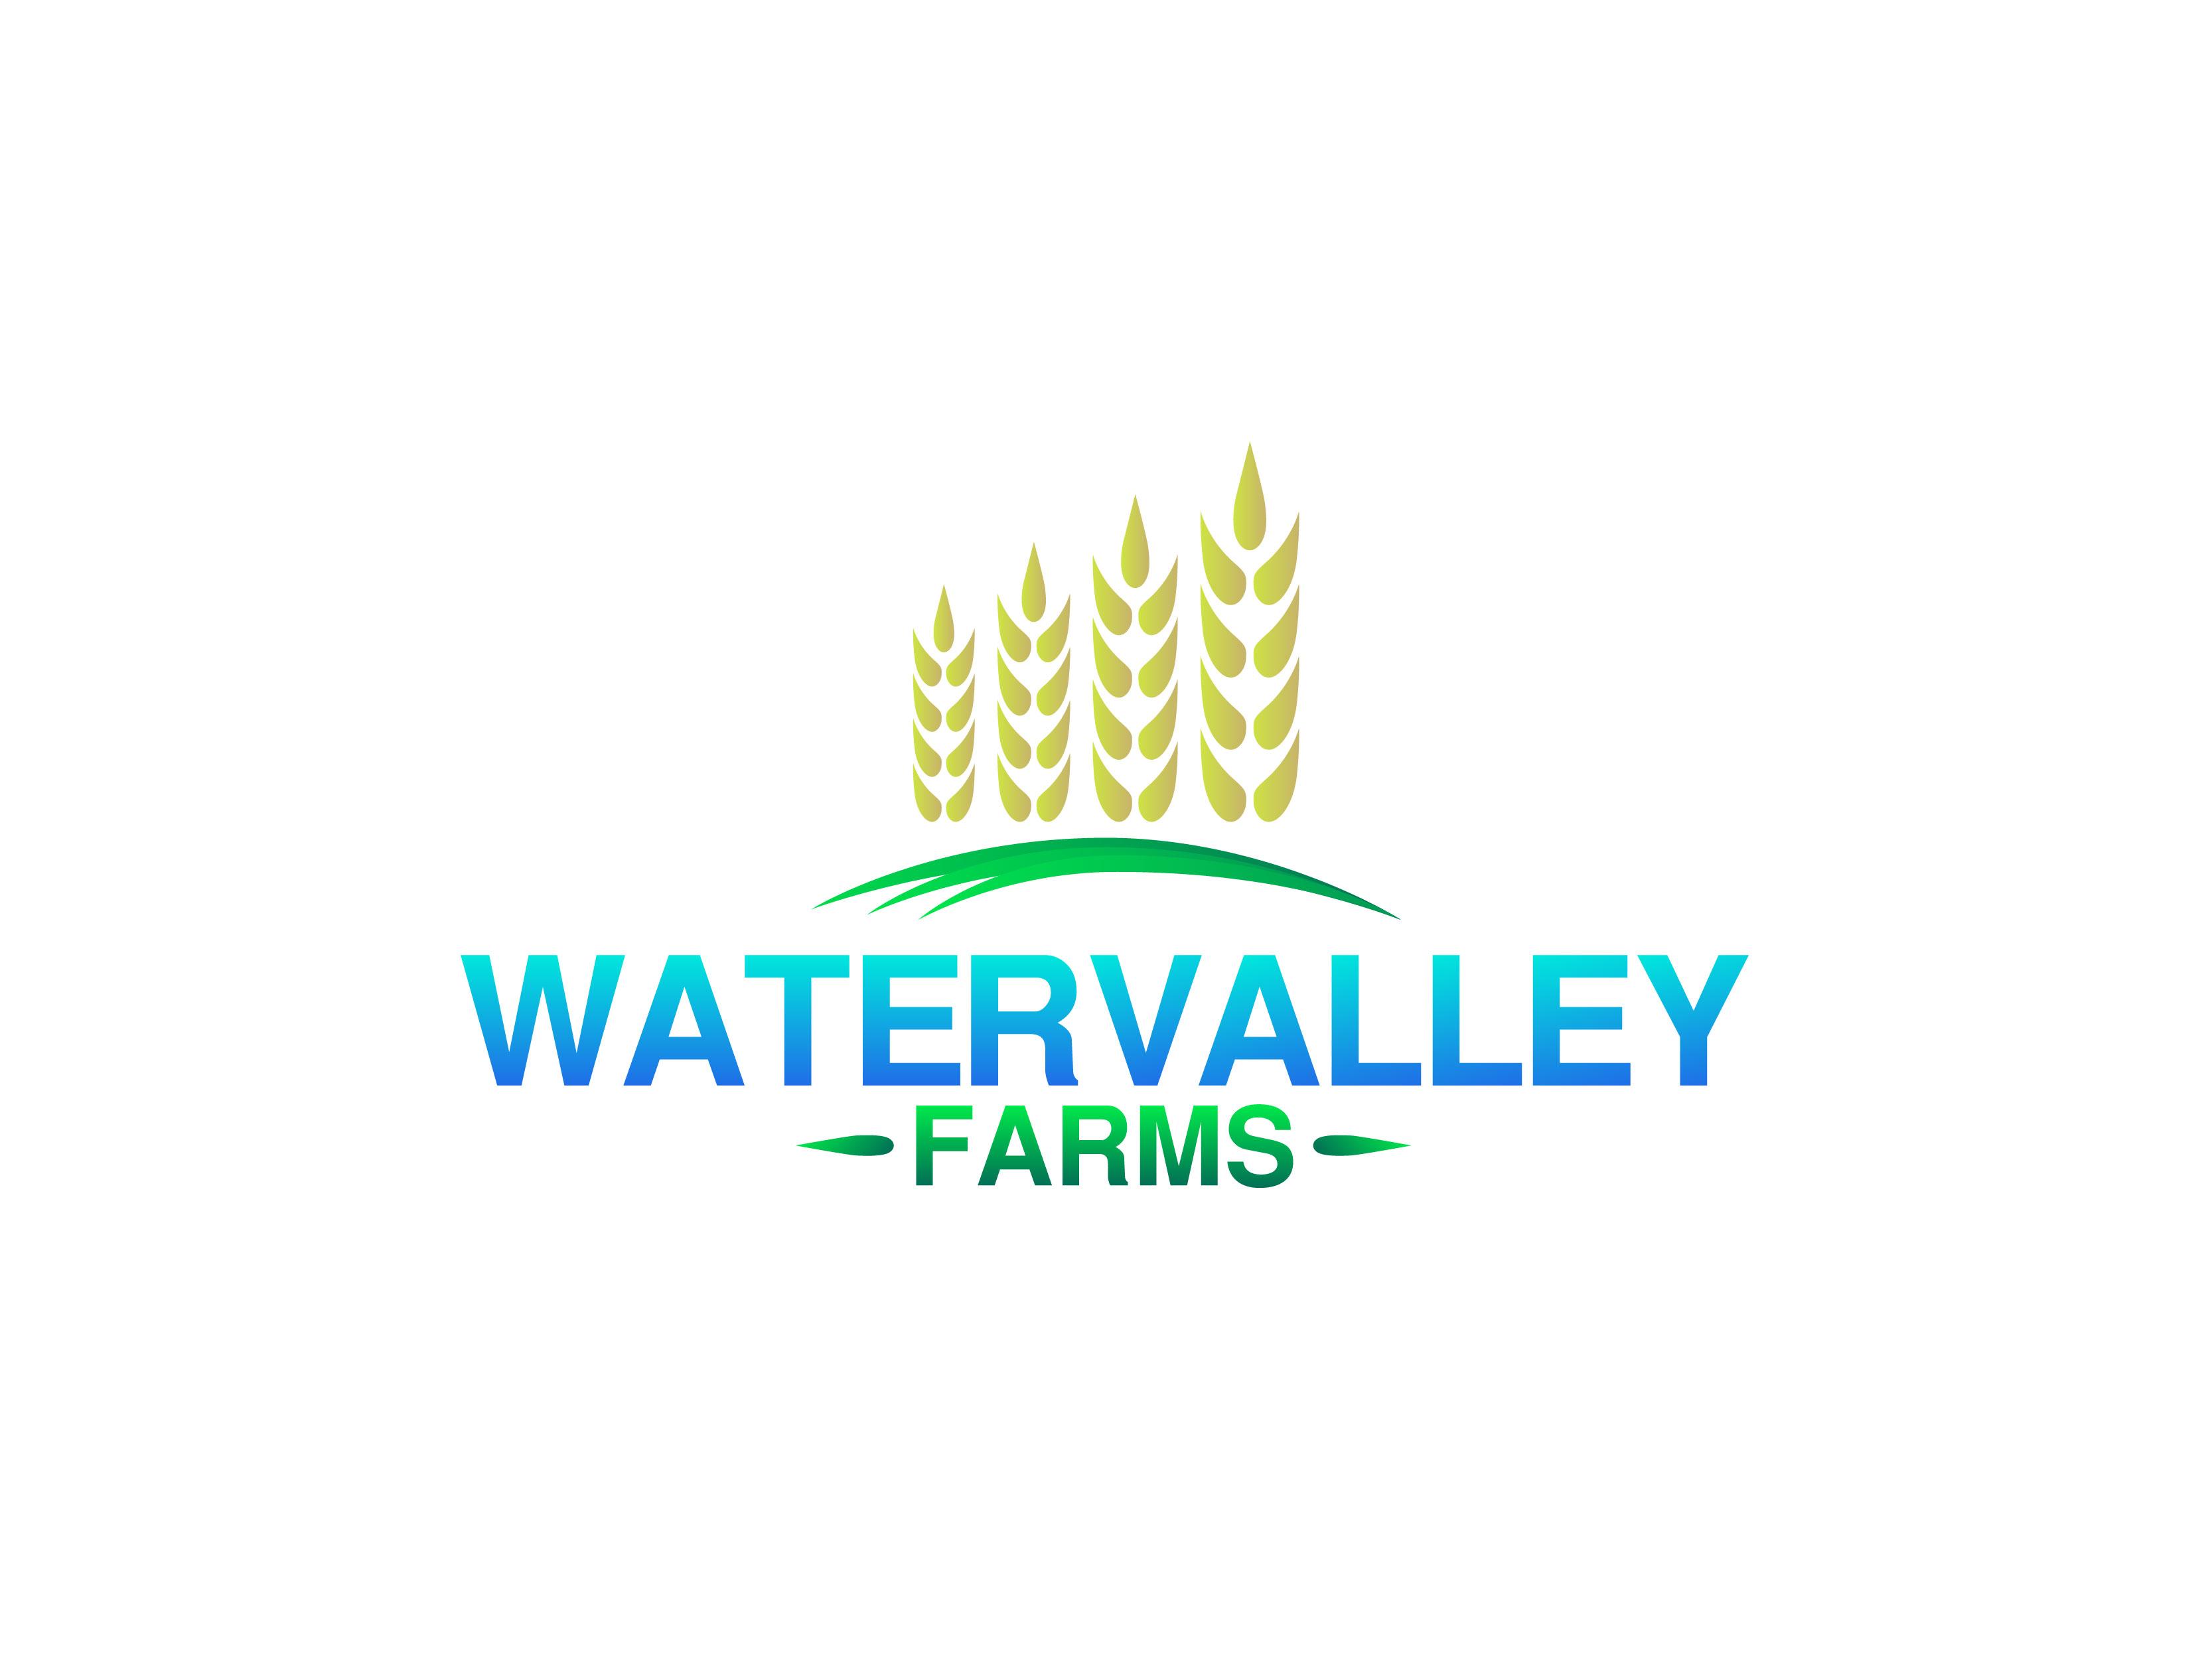 Logo Design by Alvin Sarona - Entry No. 106 in the Logo Design Contest New Logo Design for Watervalley Farms.